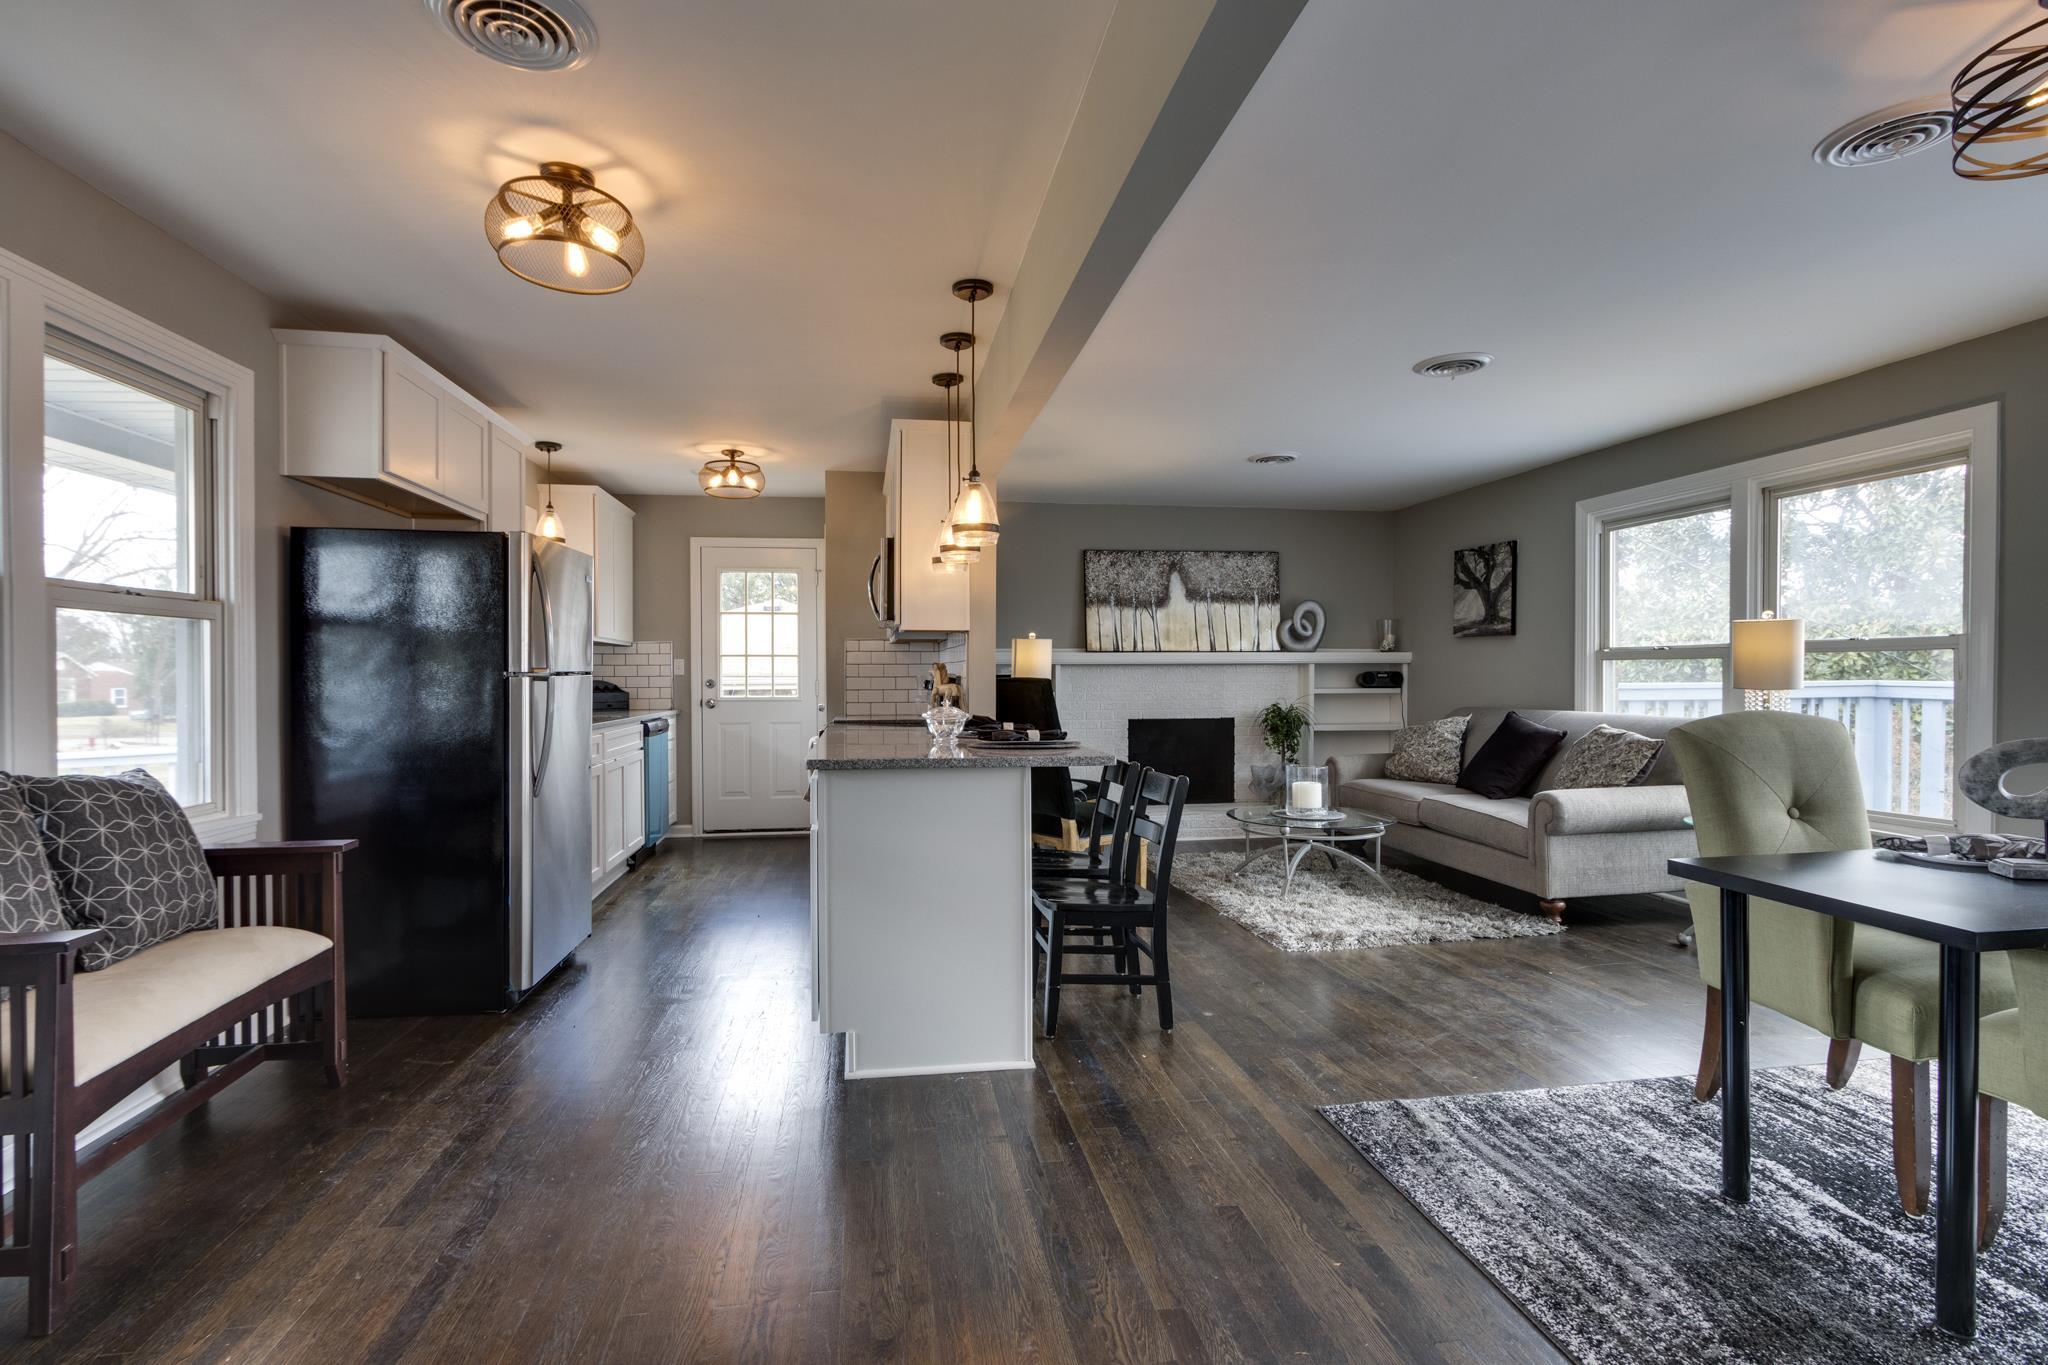 2154 Brookview Dr, Nashville, TN 37214 - Nashville, TN real estate listing